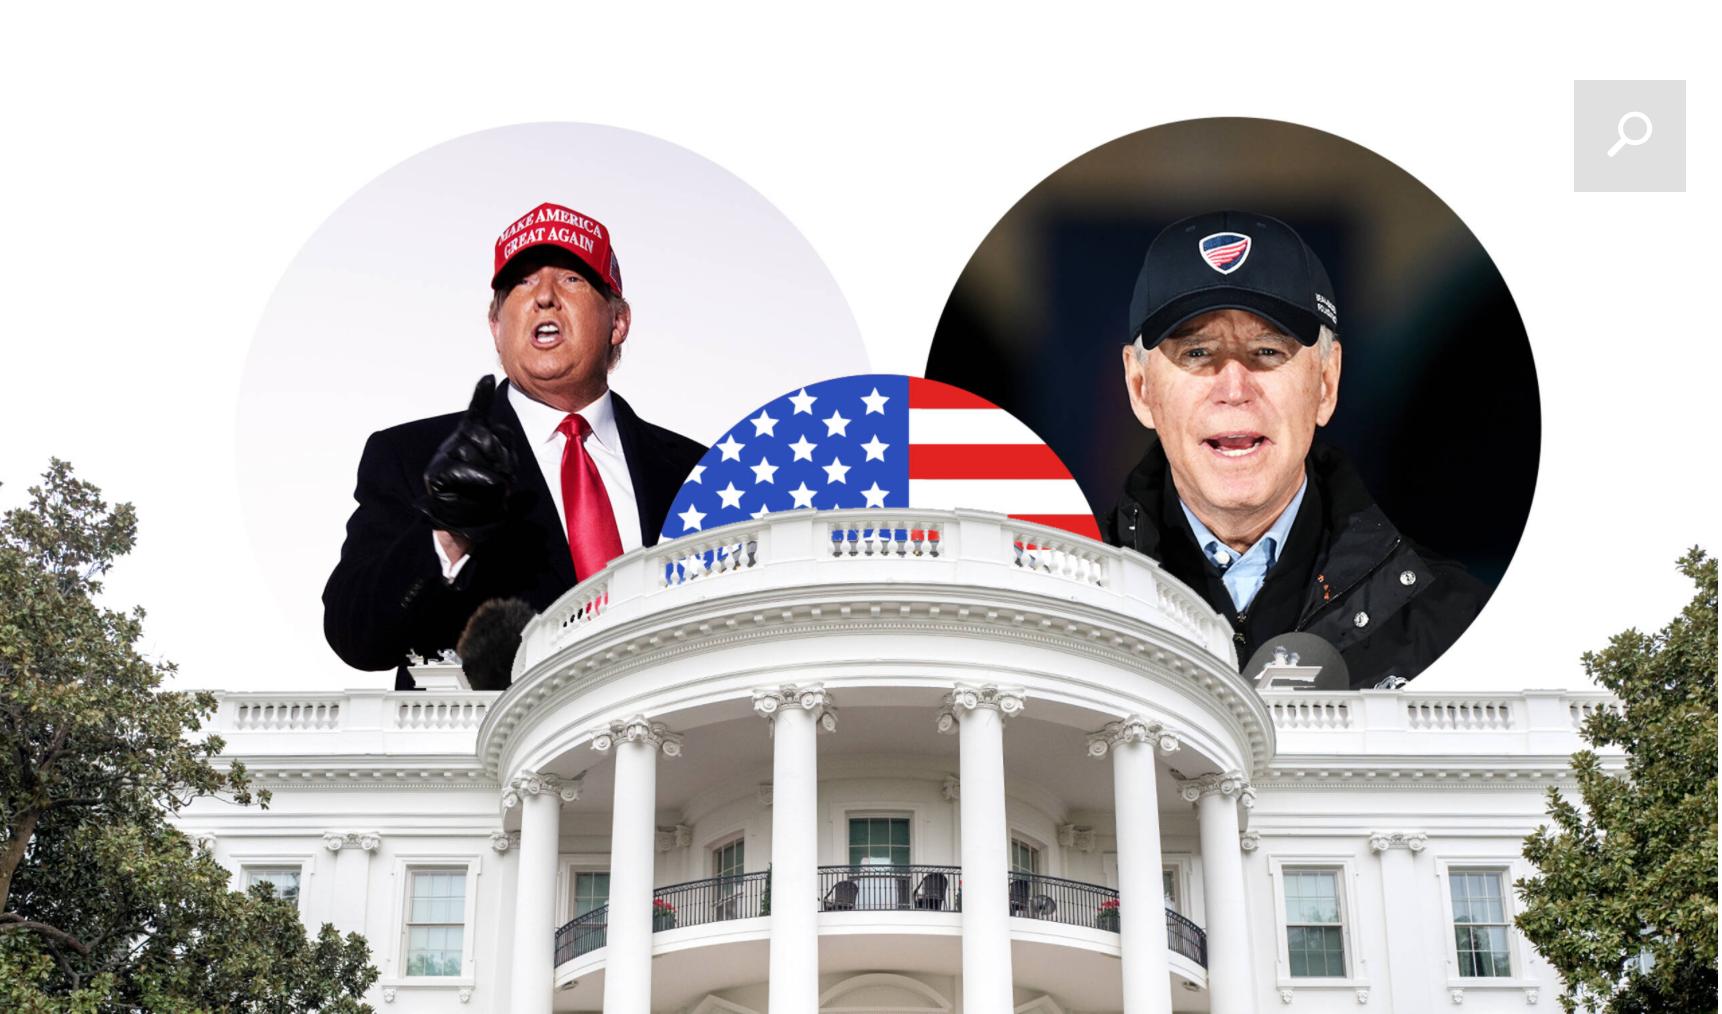 Amerikaanse verkiezingen: Maakt het uit wie er wint?